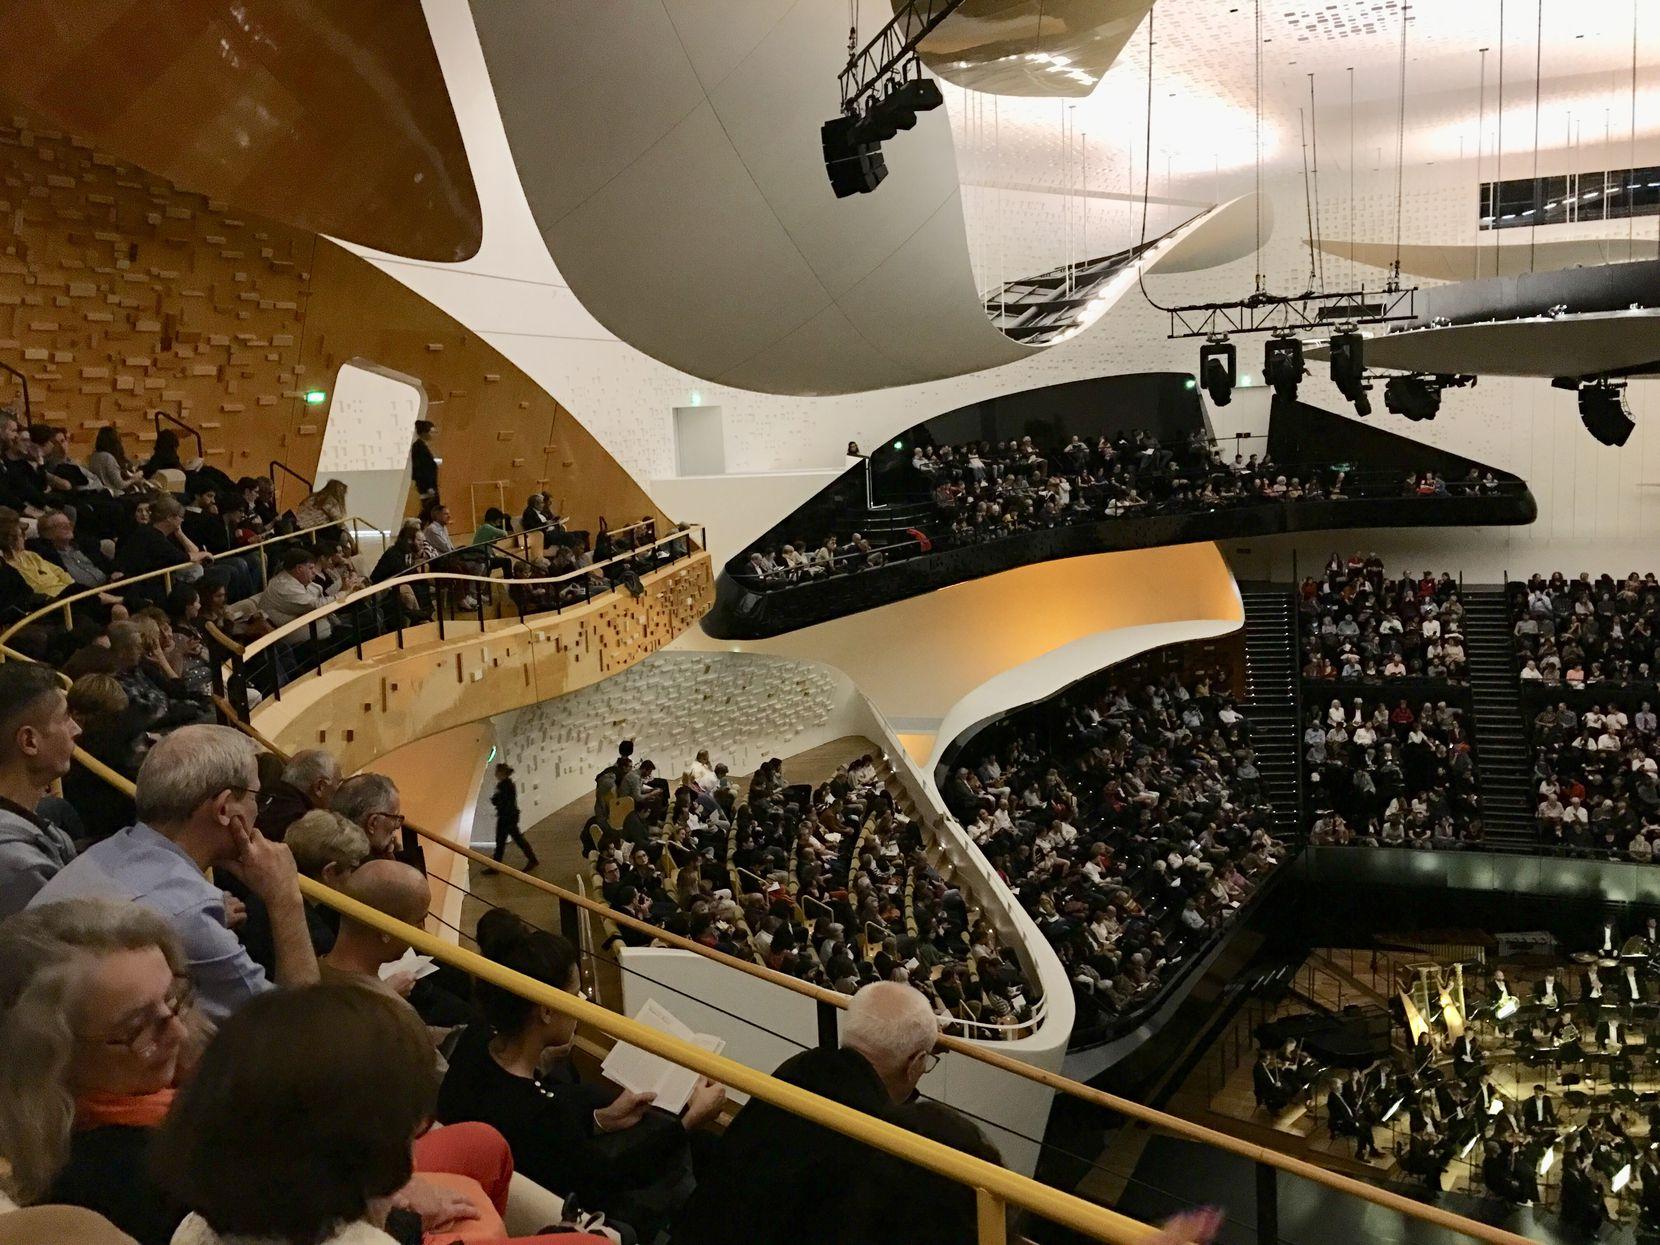 A view inside the Philharmonie de Paris concert venue during the Orchestre National de Lyon concert on Oct. 4, 2019